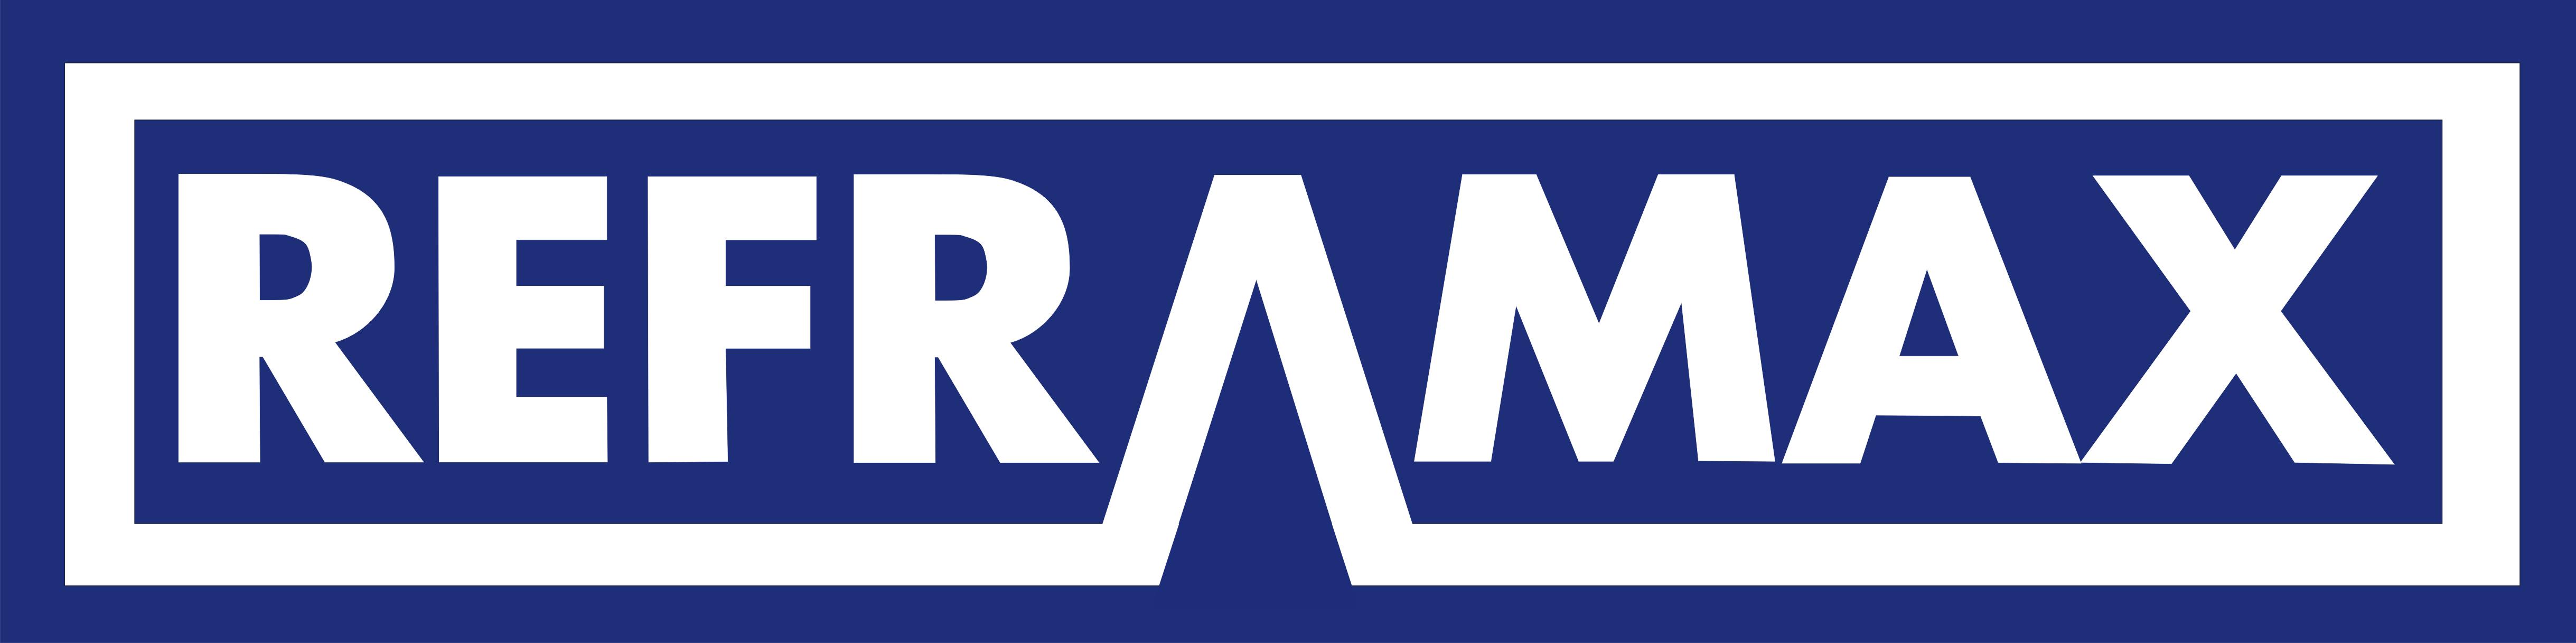 Logomarca da Reframax